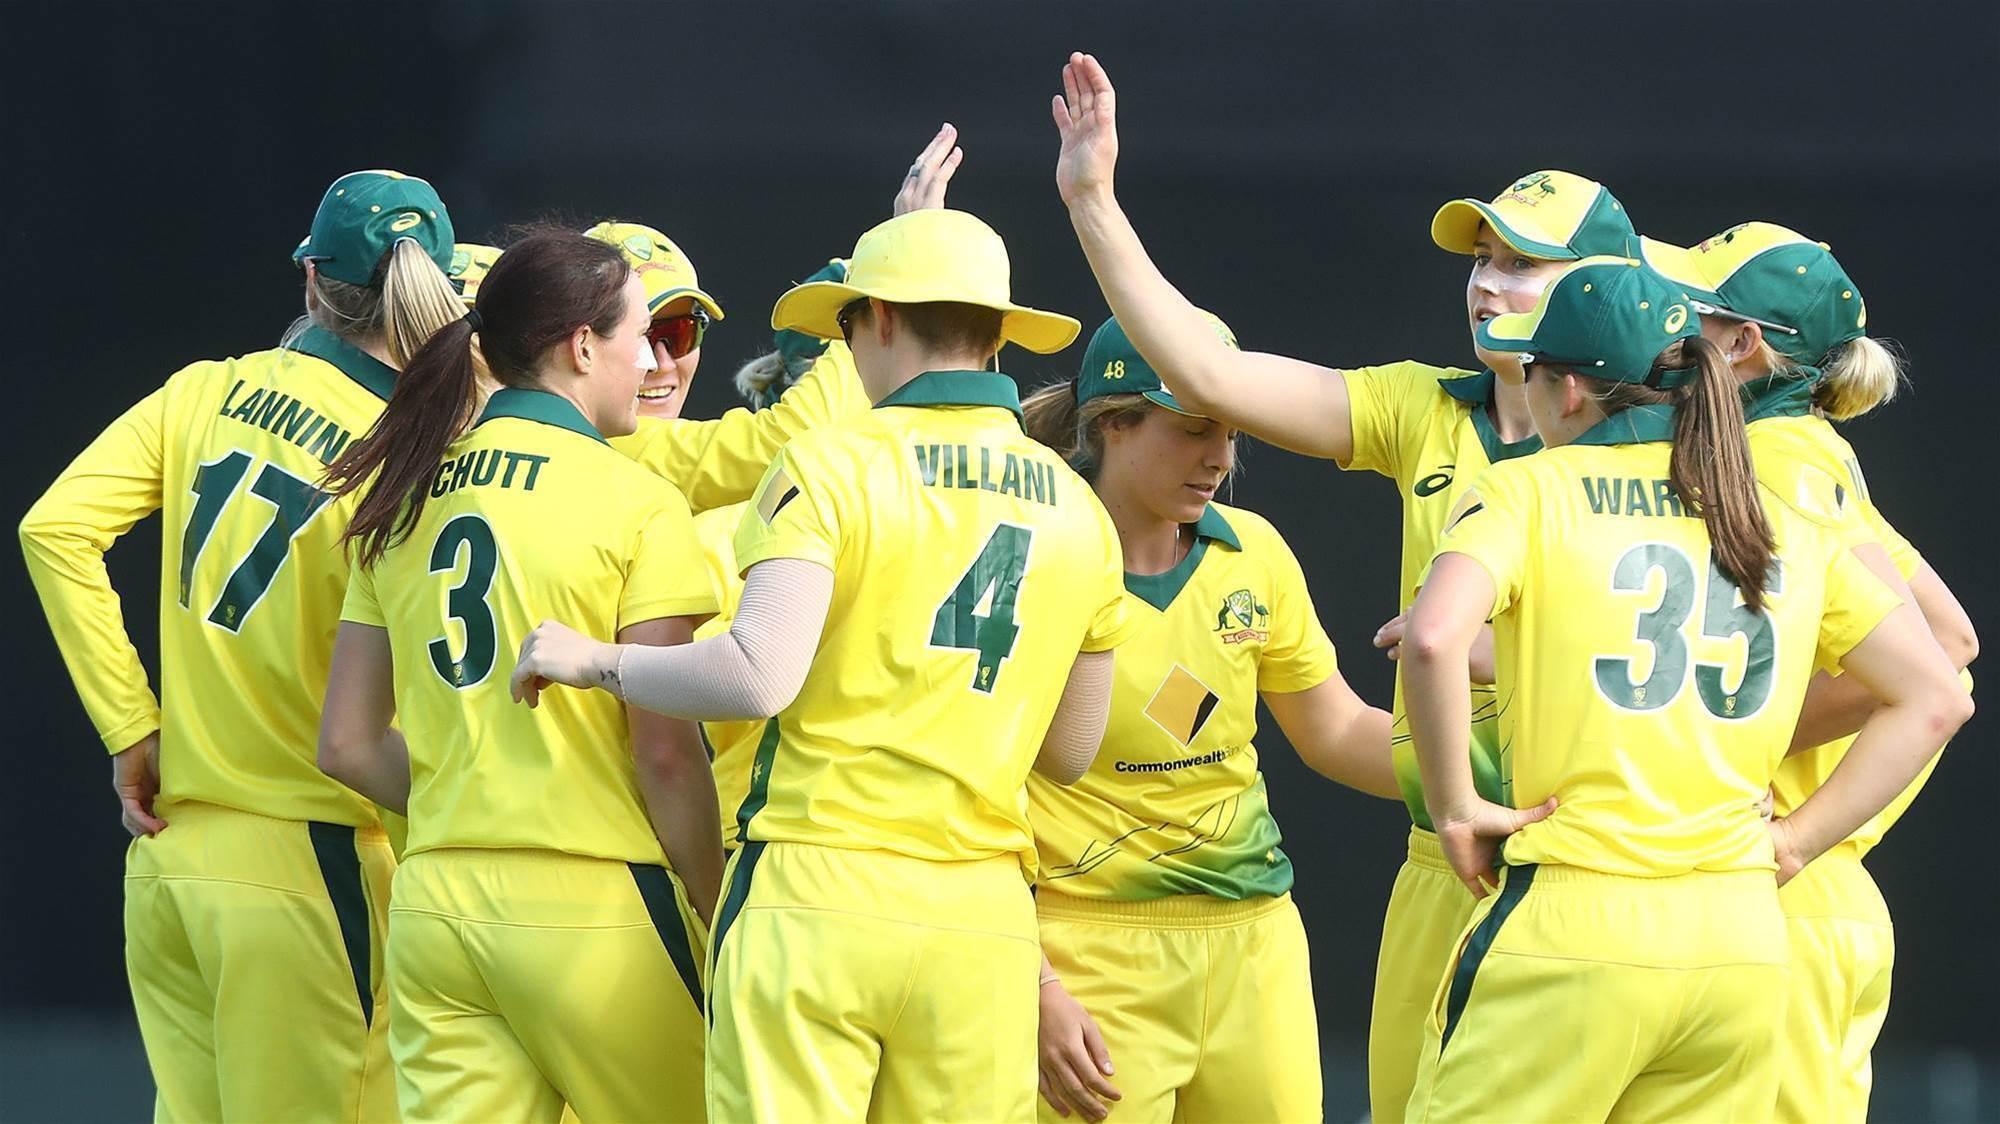 Meet the team: Australian World T20